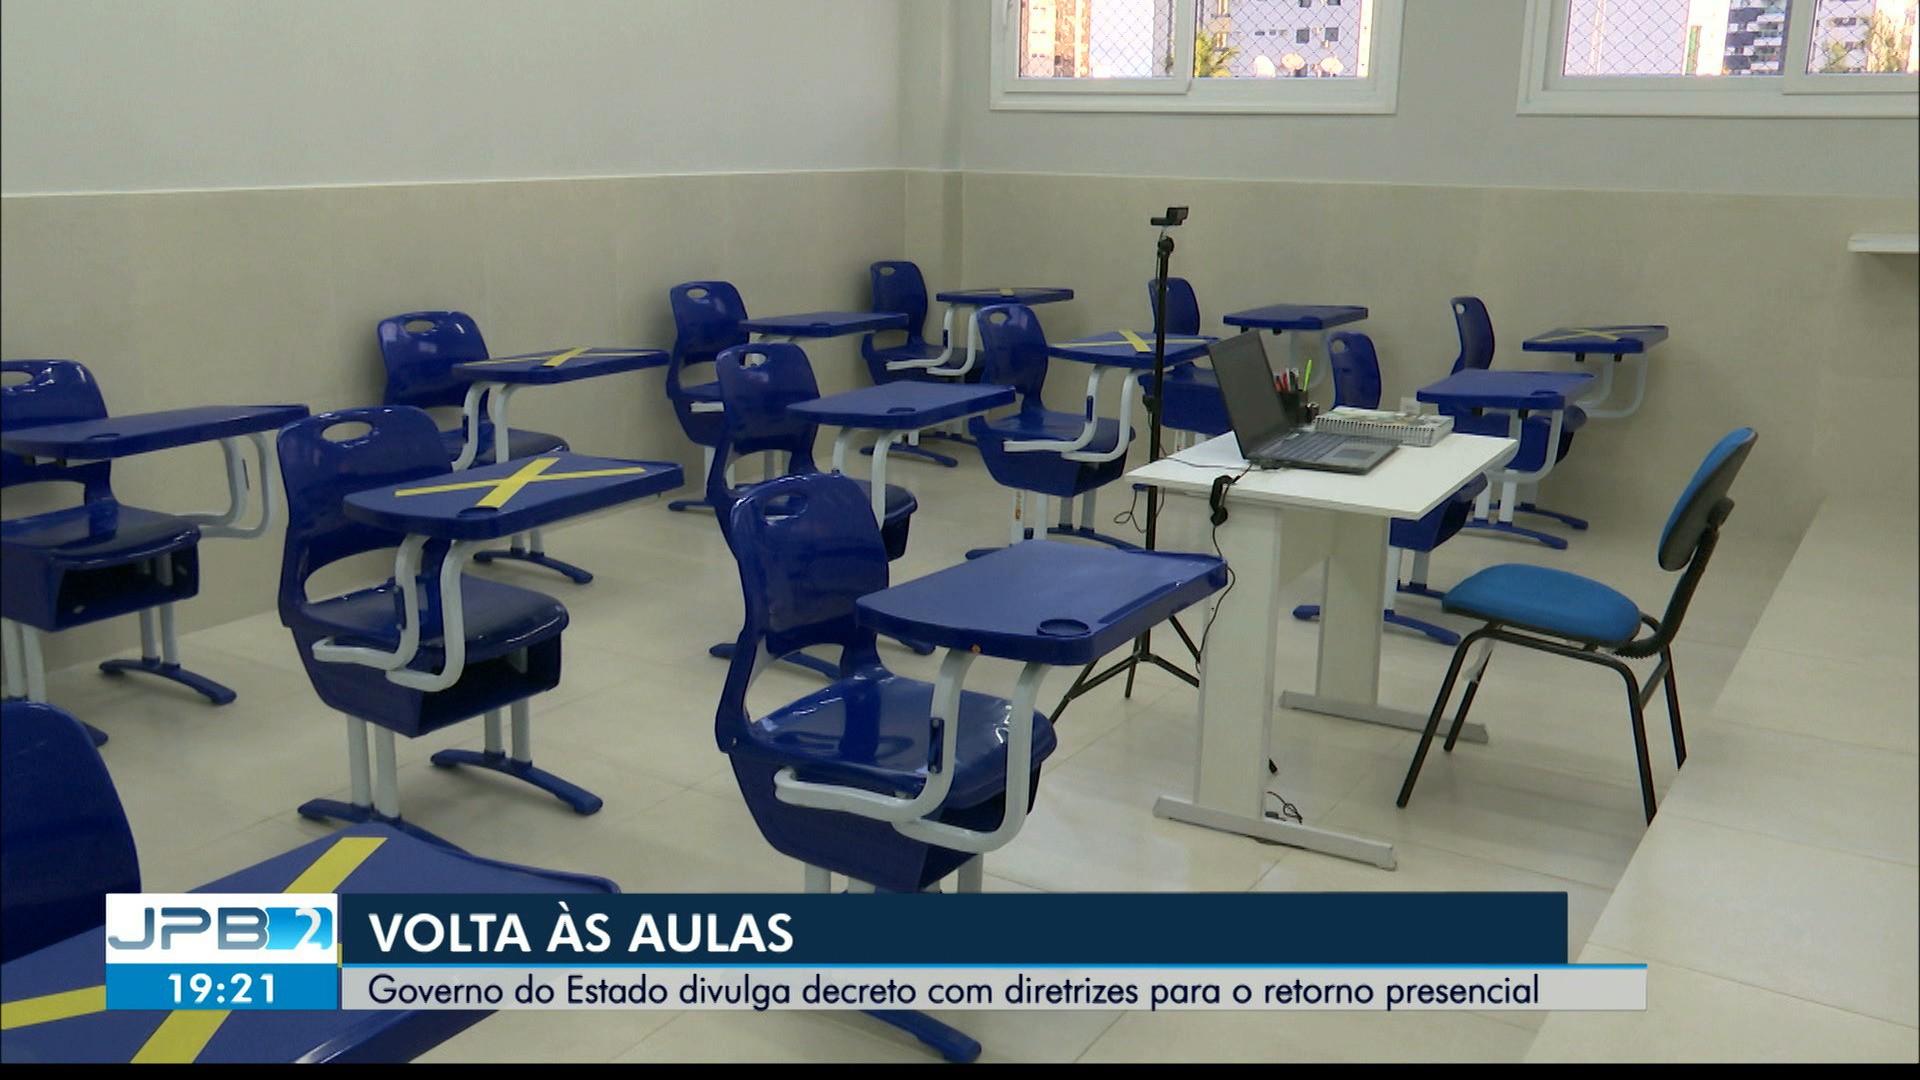 VÍDEOS: JPB2 (TV Cabo Branco) desta sexta-feira, 25 de setembro